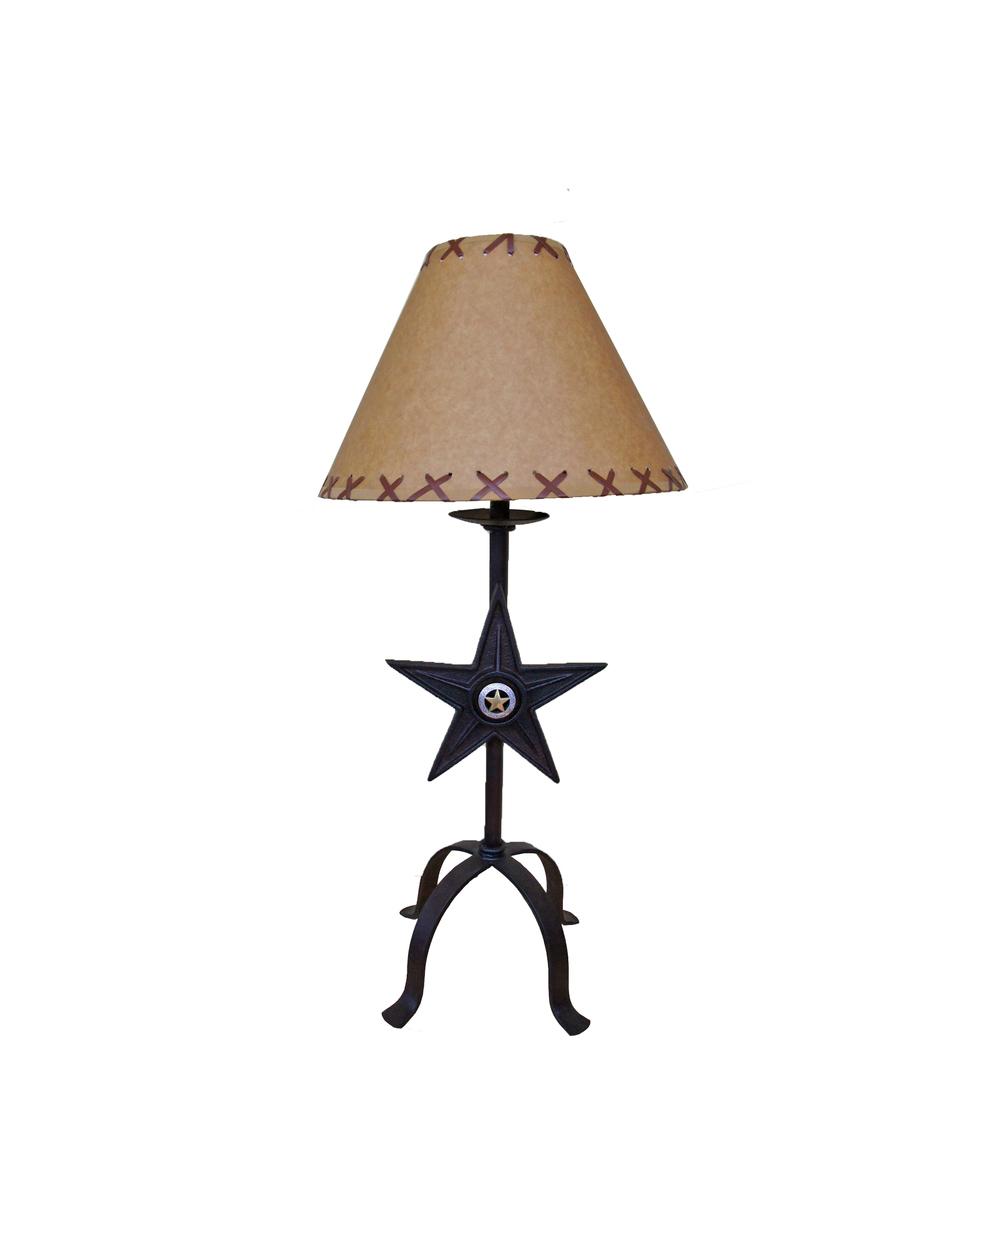 RUSTIC LAMPS  $129